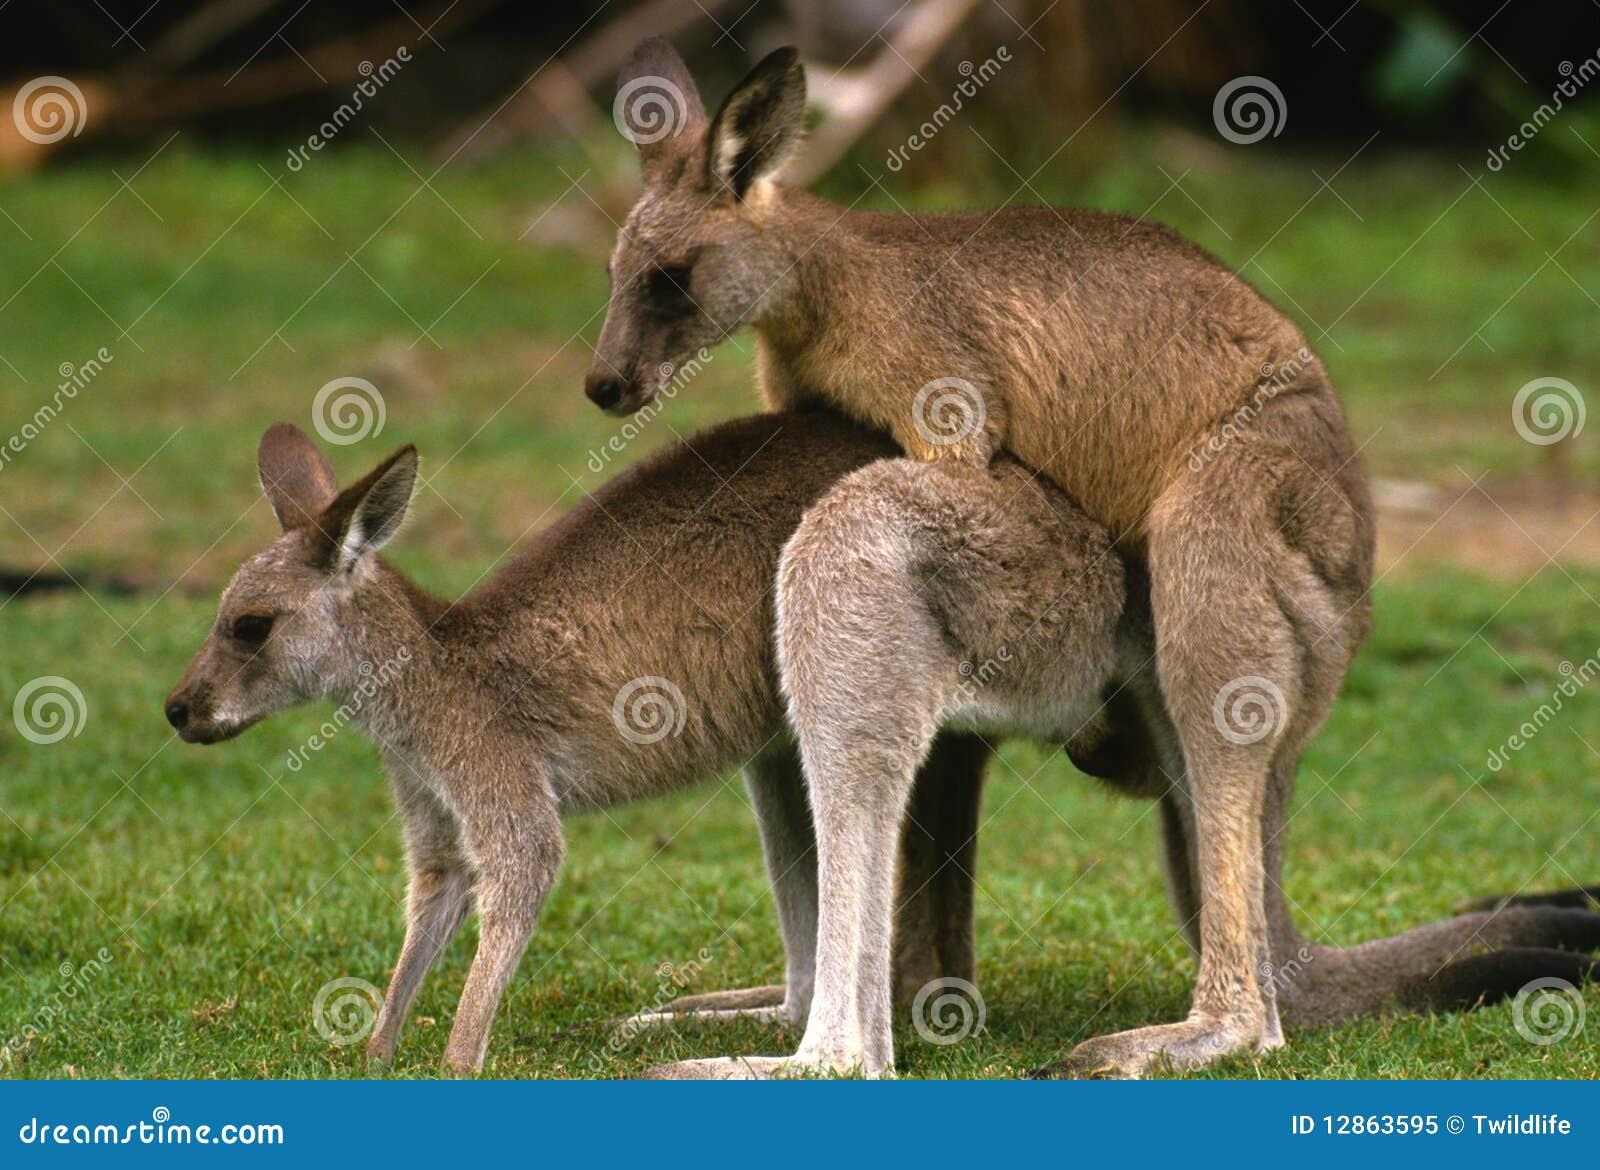 Секс с кенгуру онлайн, Кенгуру секс. Смотреть на сайте online 27 фотография